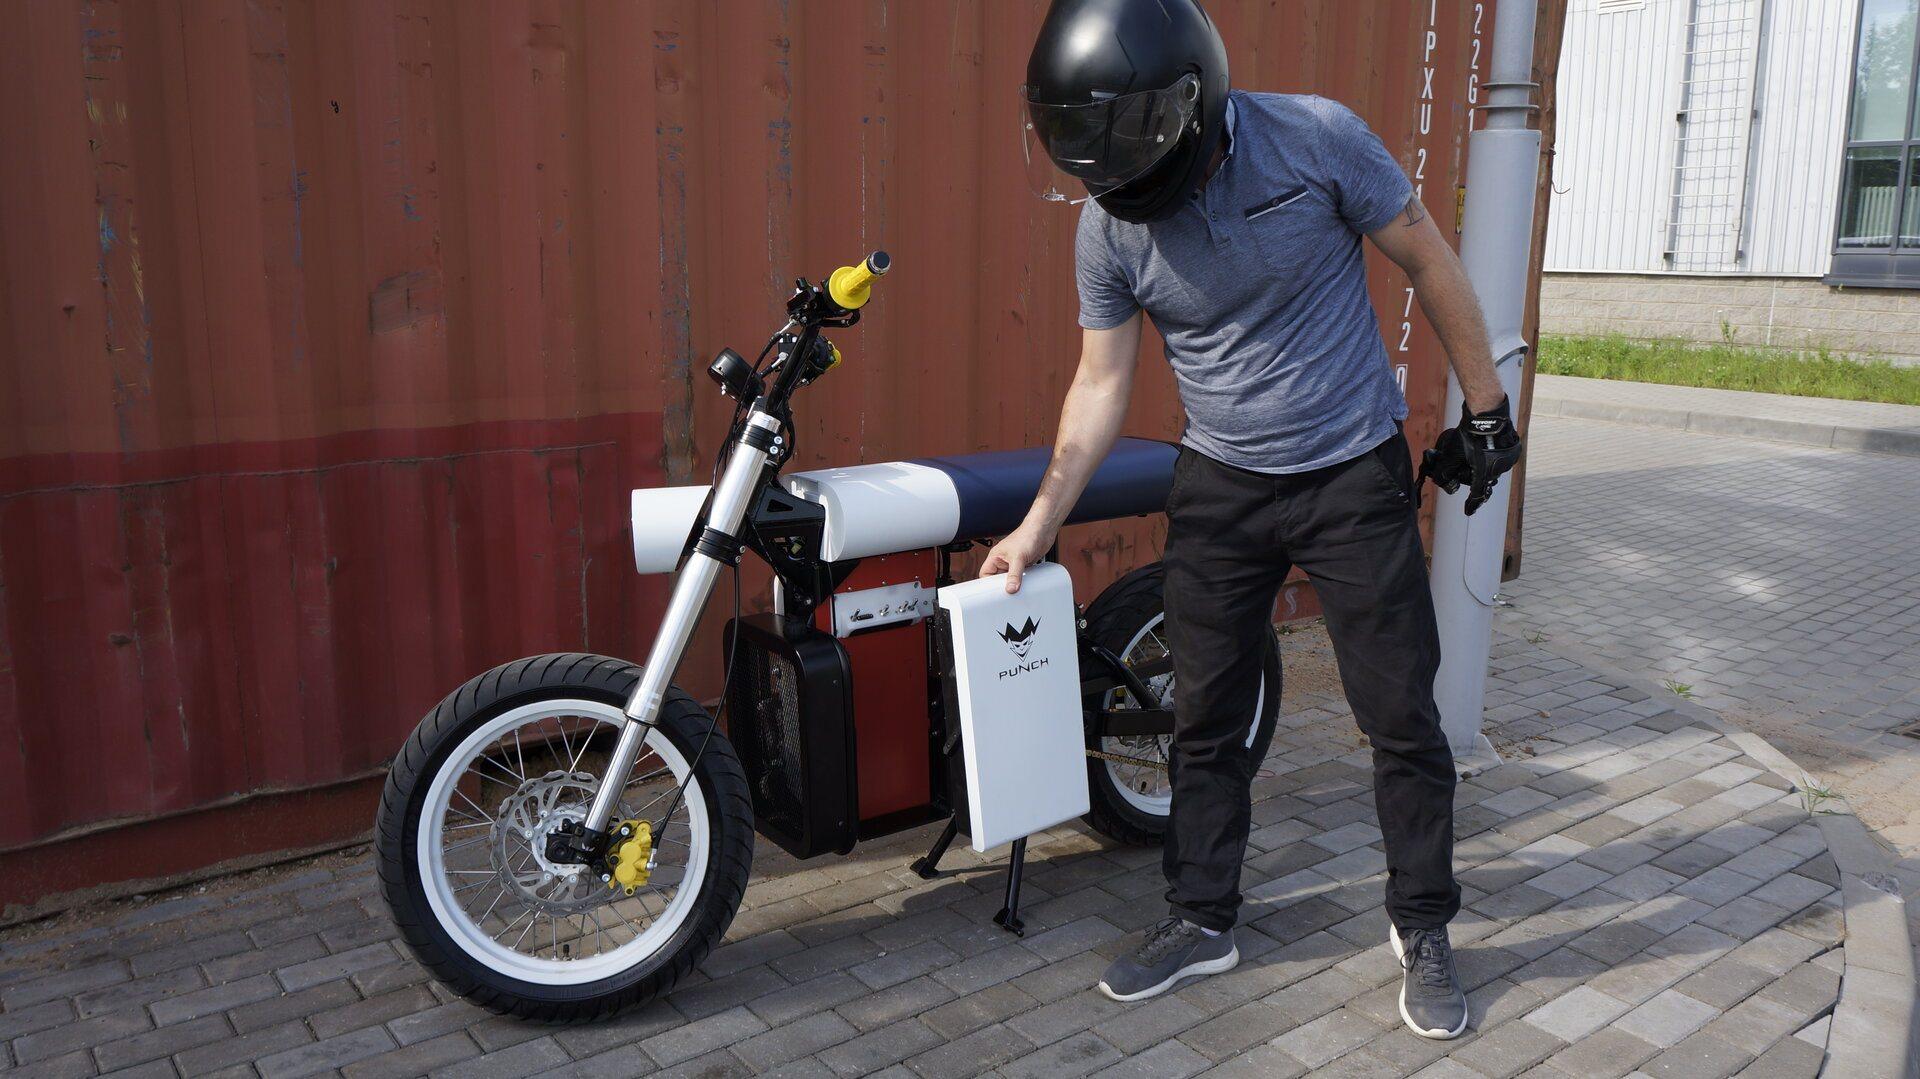 Punch Moto, una eléctrica futurista con sabor bielorruso